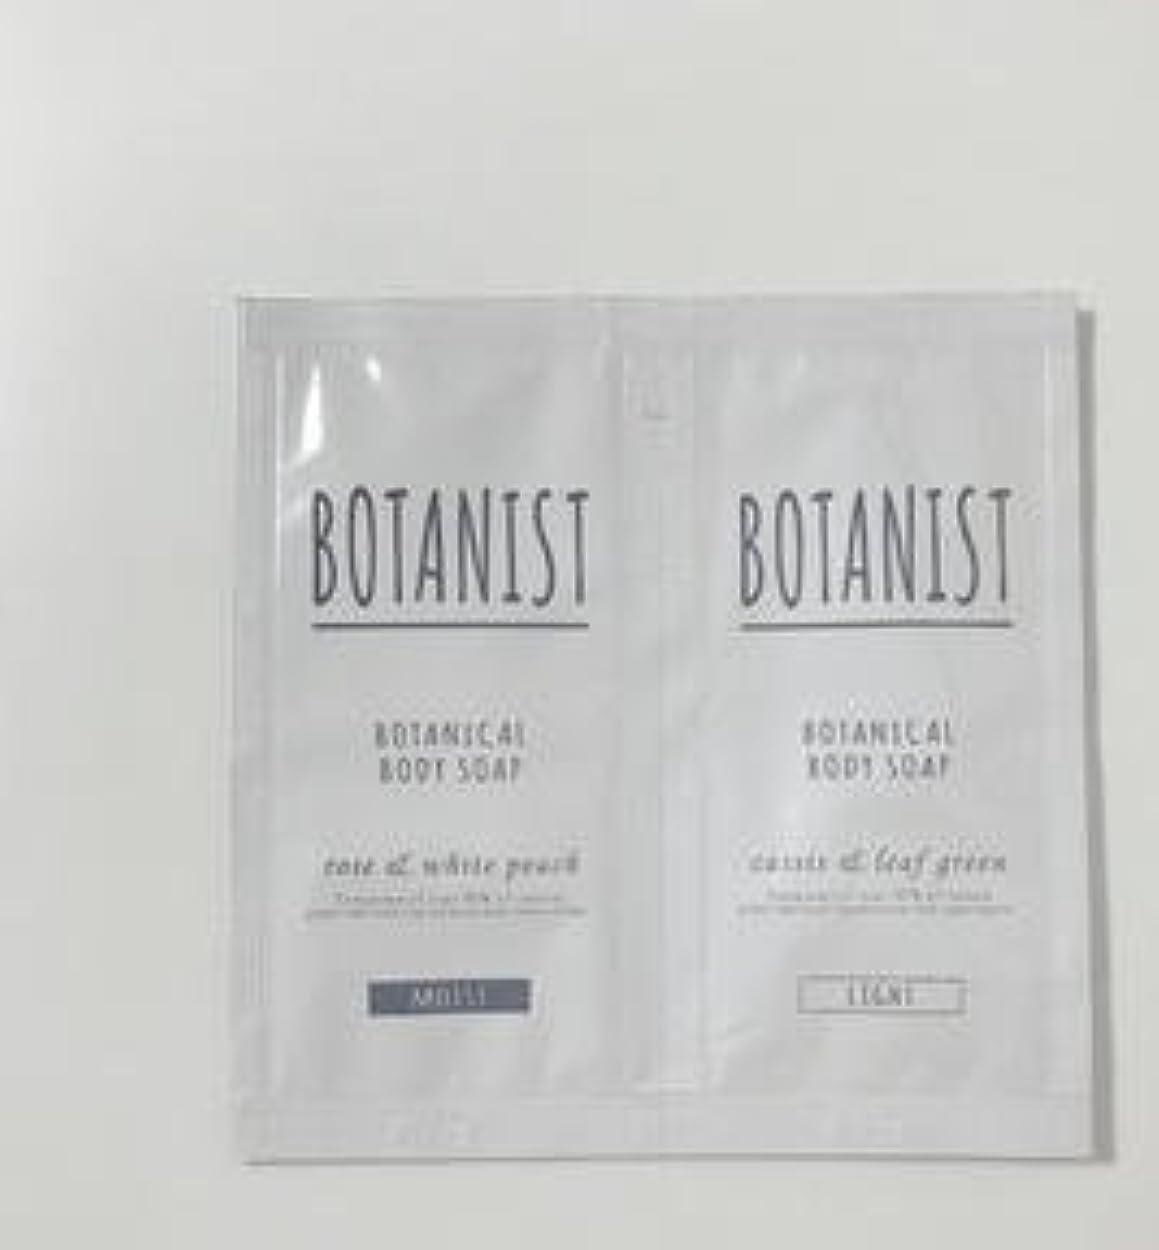 後退するキュービックたくさんBOTANIST ボタニカル ボディーソープ ライト&モイスト トライアルセット 8ml×2 (ライト&モイスト, 1個)